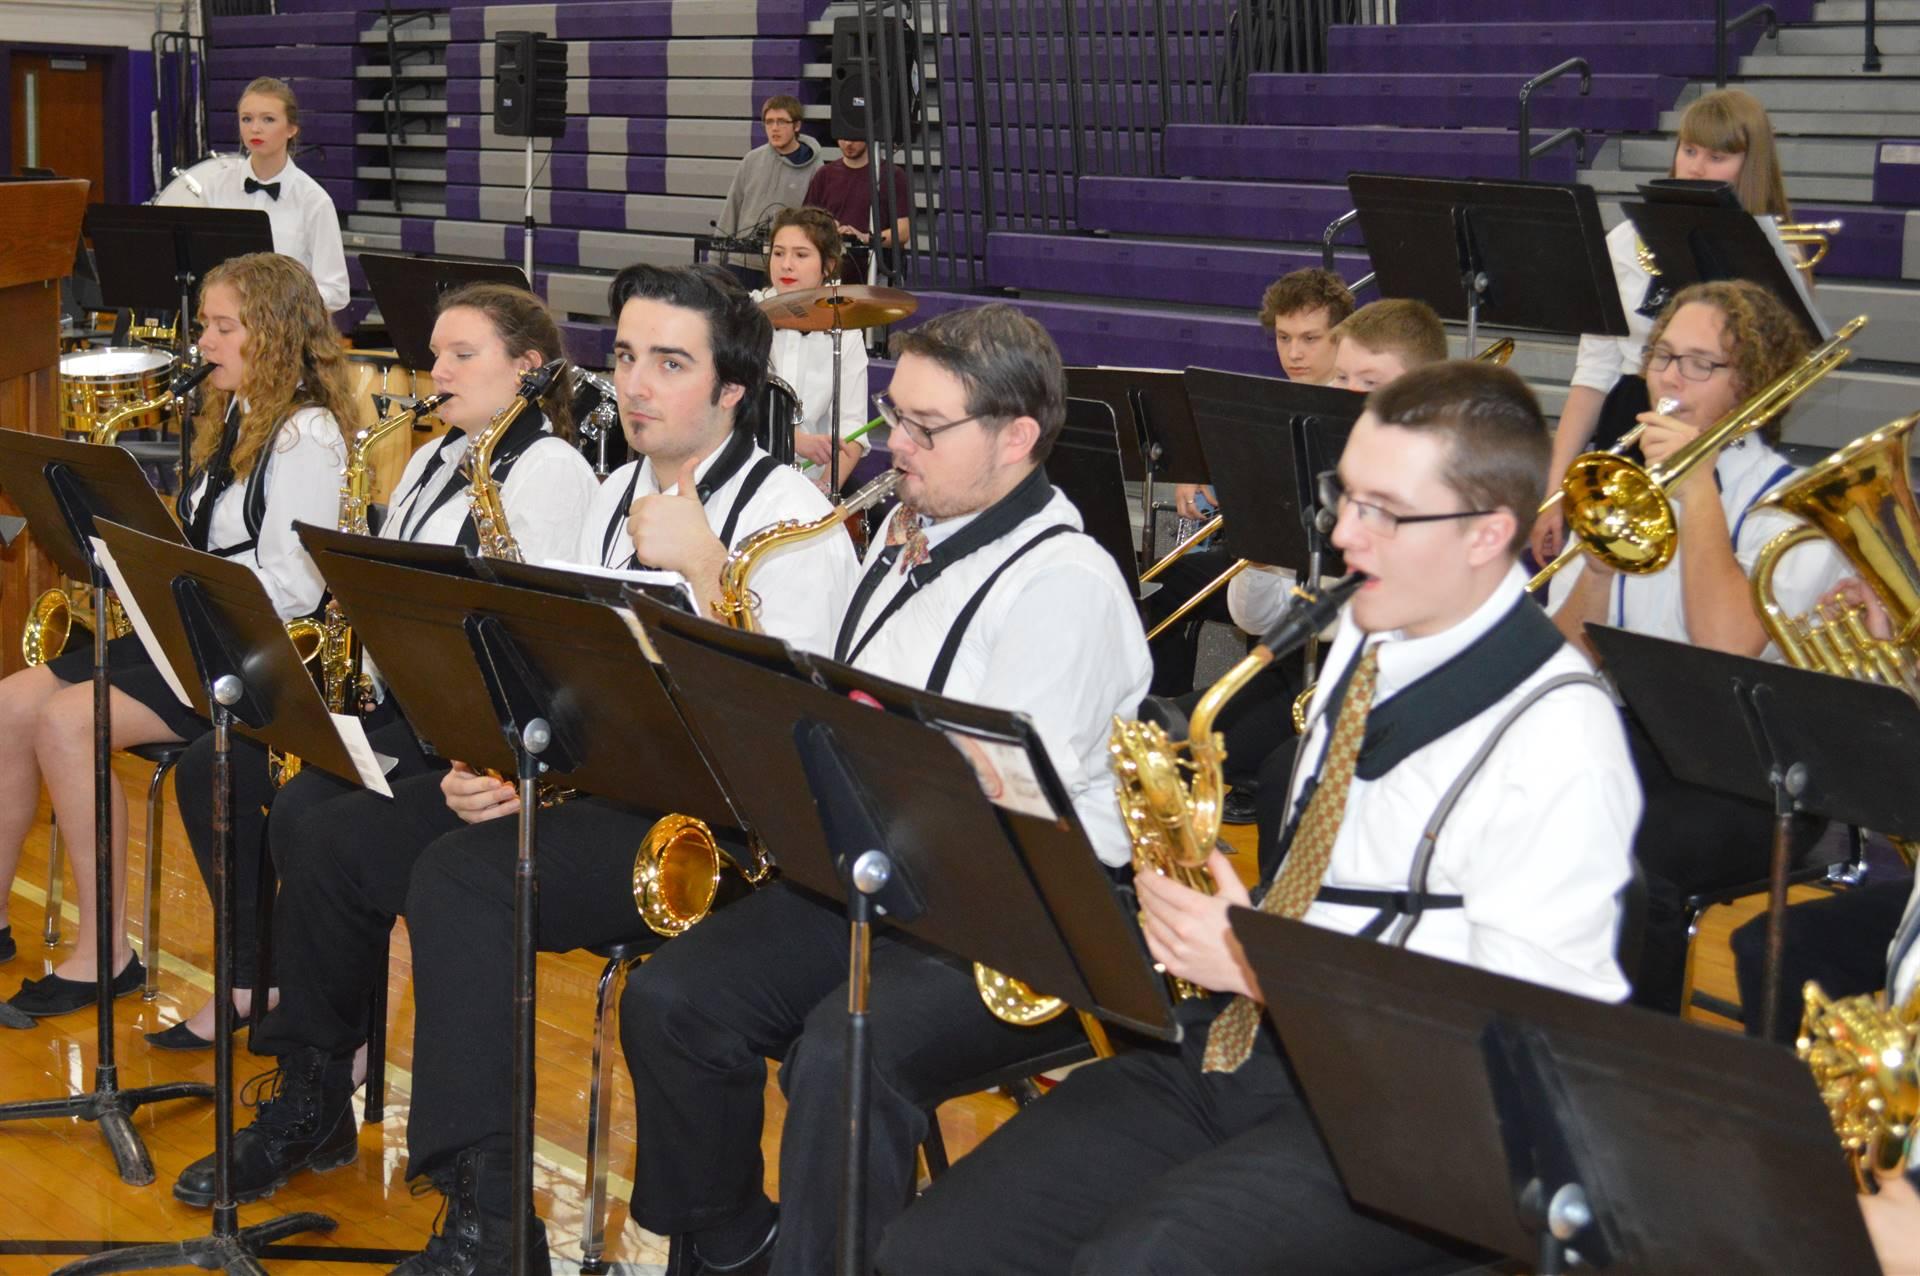 ACAMT Winter 18 Jazz Band saxophones and trombone